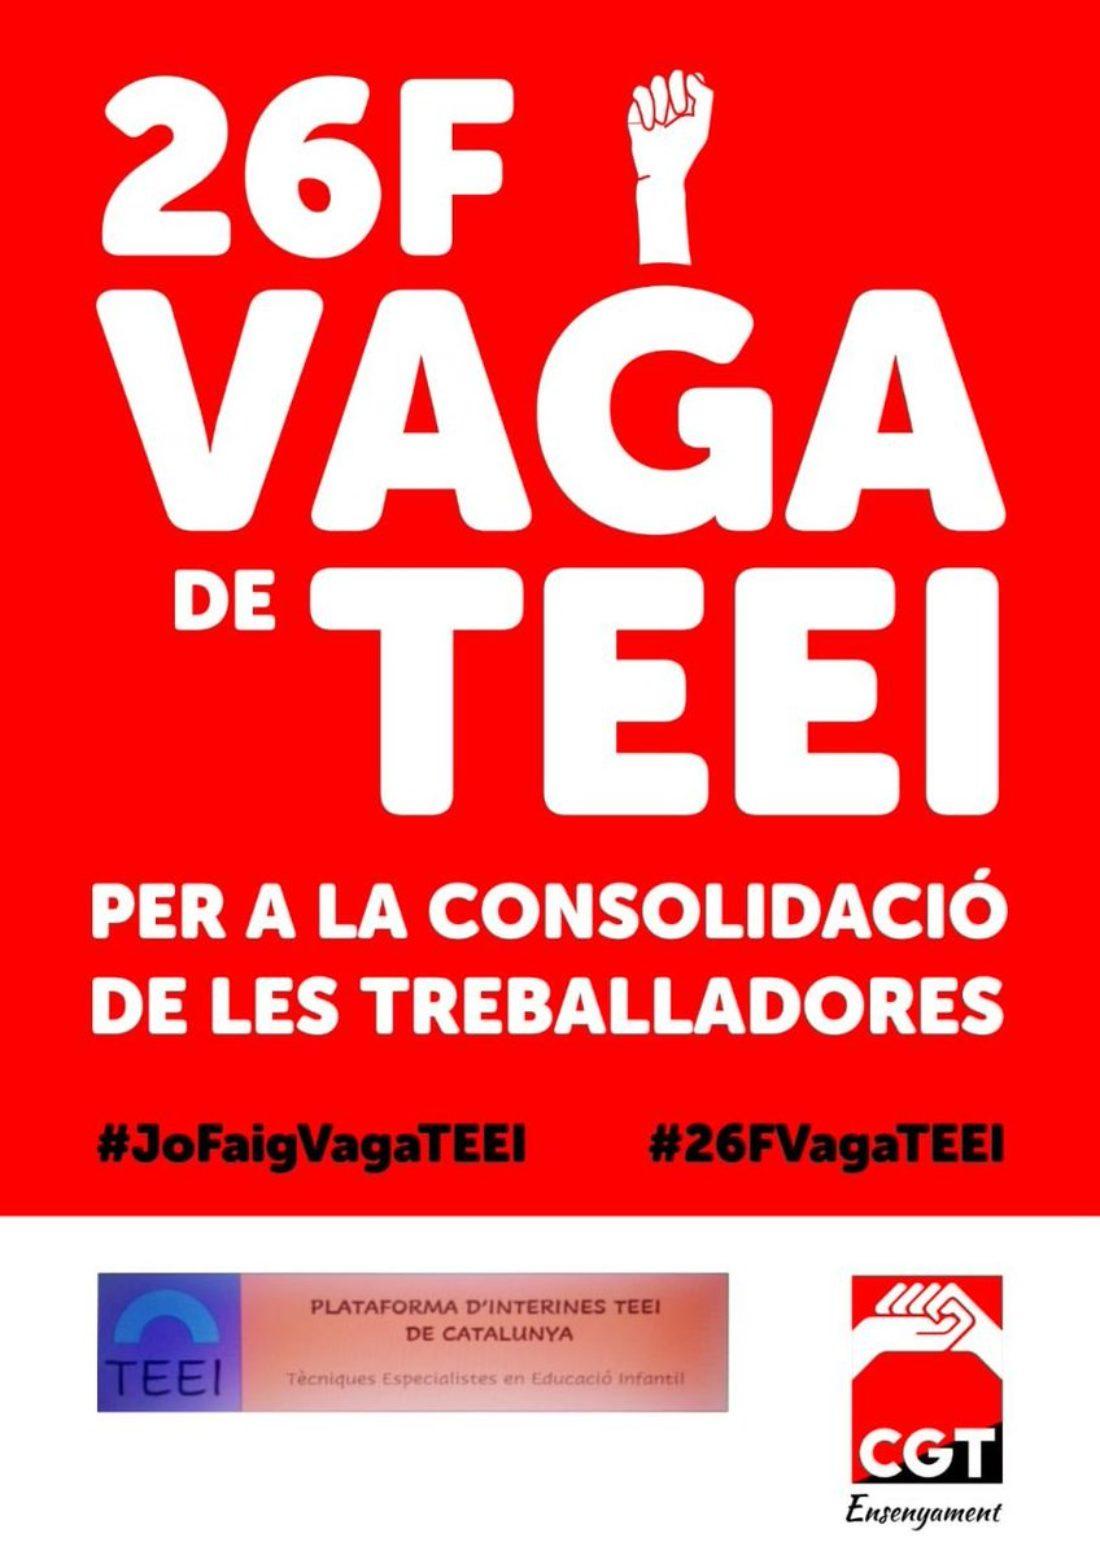 El sindicato CGT Ensenyament junto con la Plataforma d´Interines TEEI convocan la primera huelga TEEI para el viernes 26 de febrero